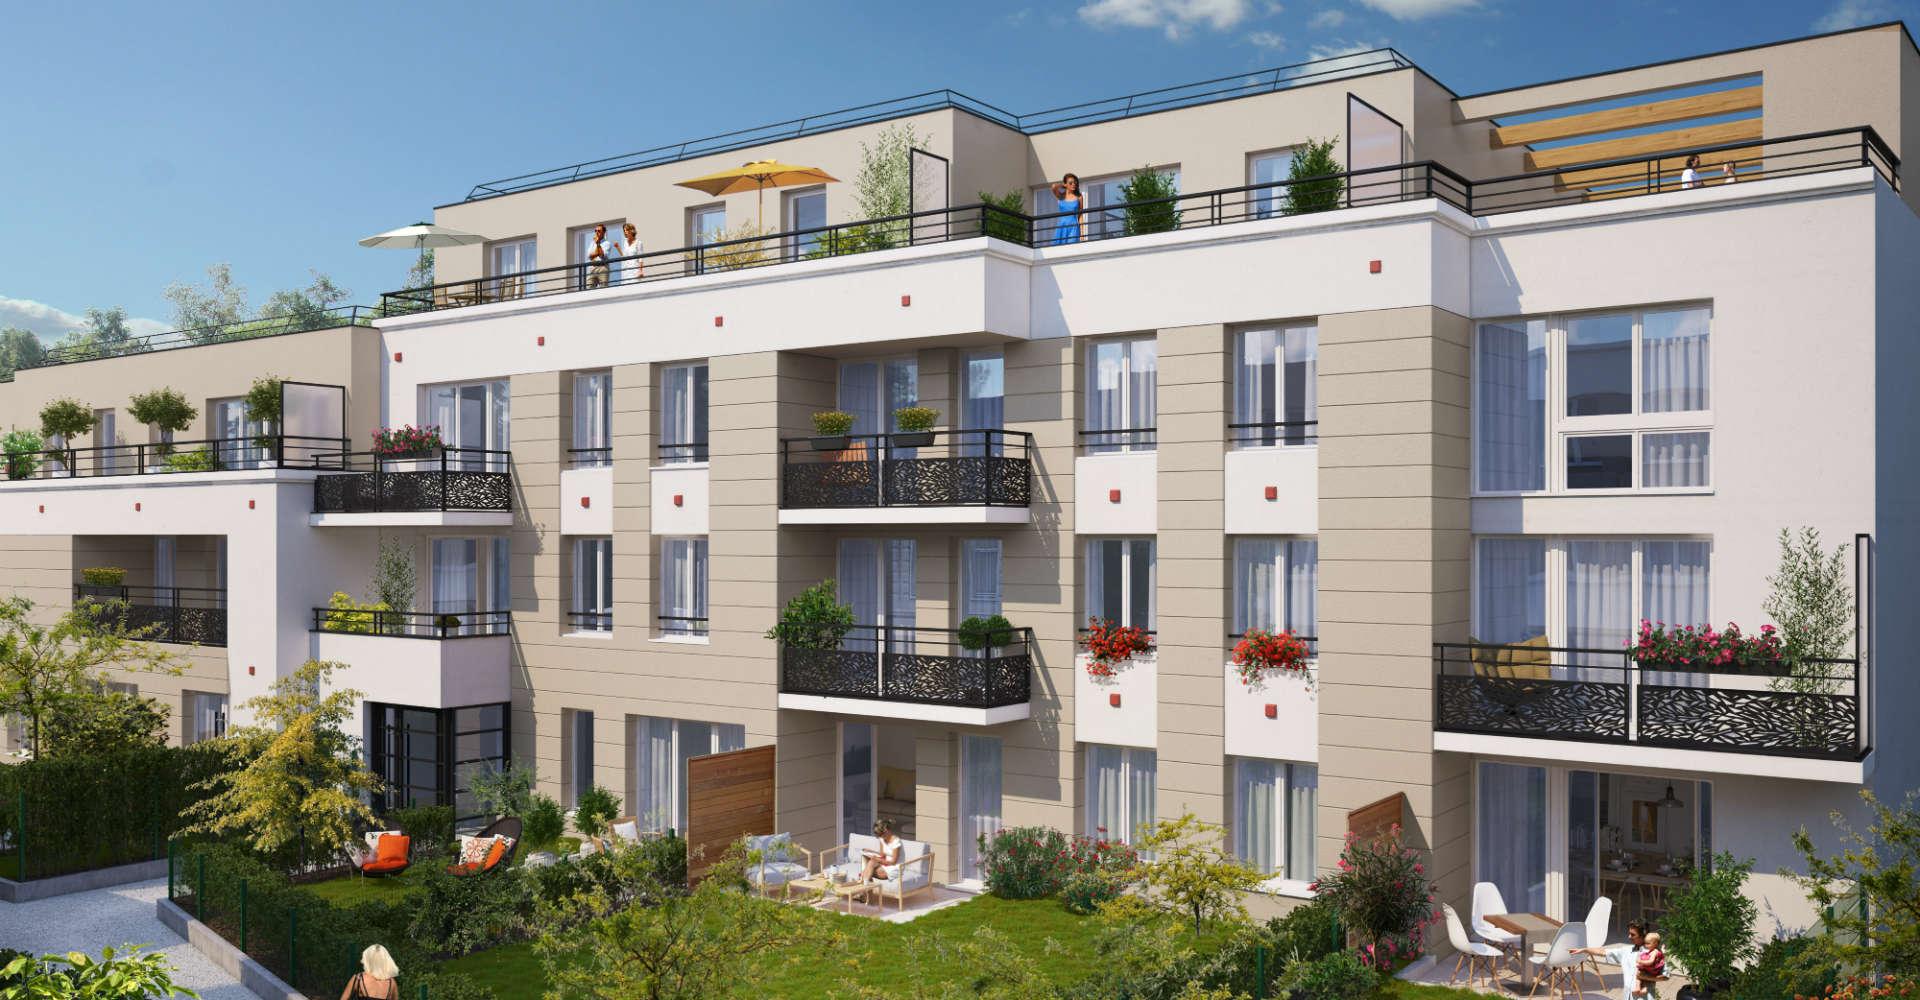 Projet immobilier Sète : la satisfaction de l'achat